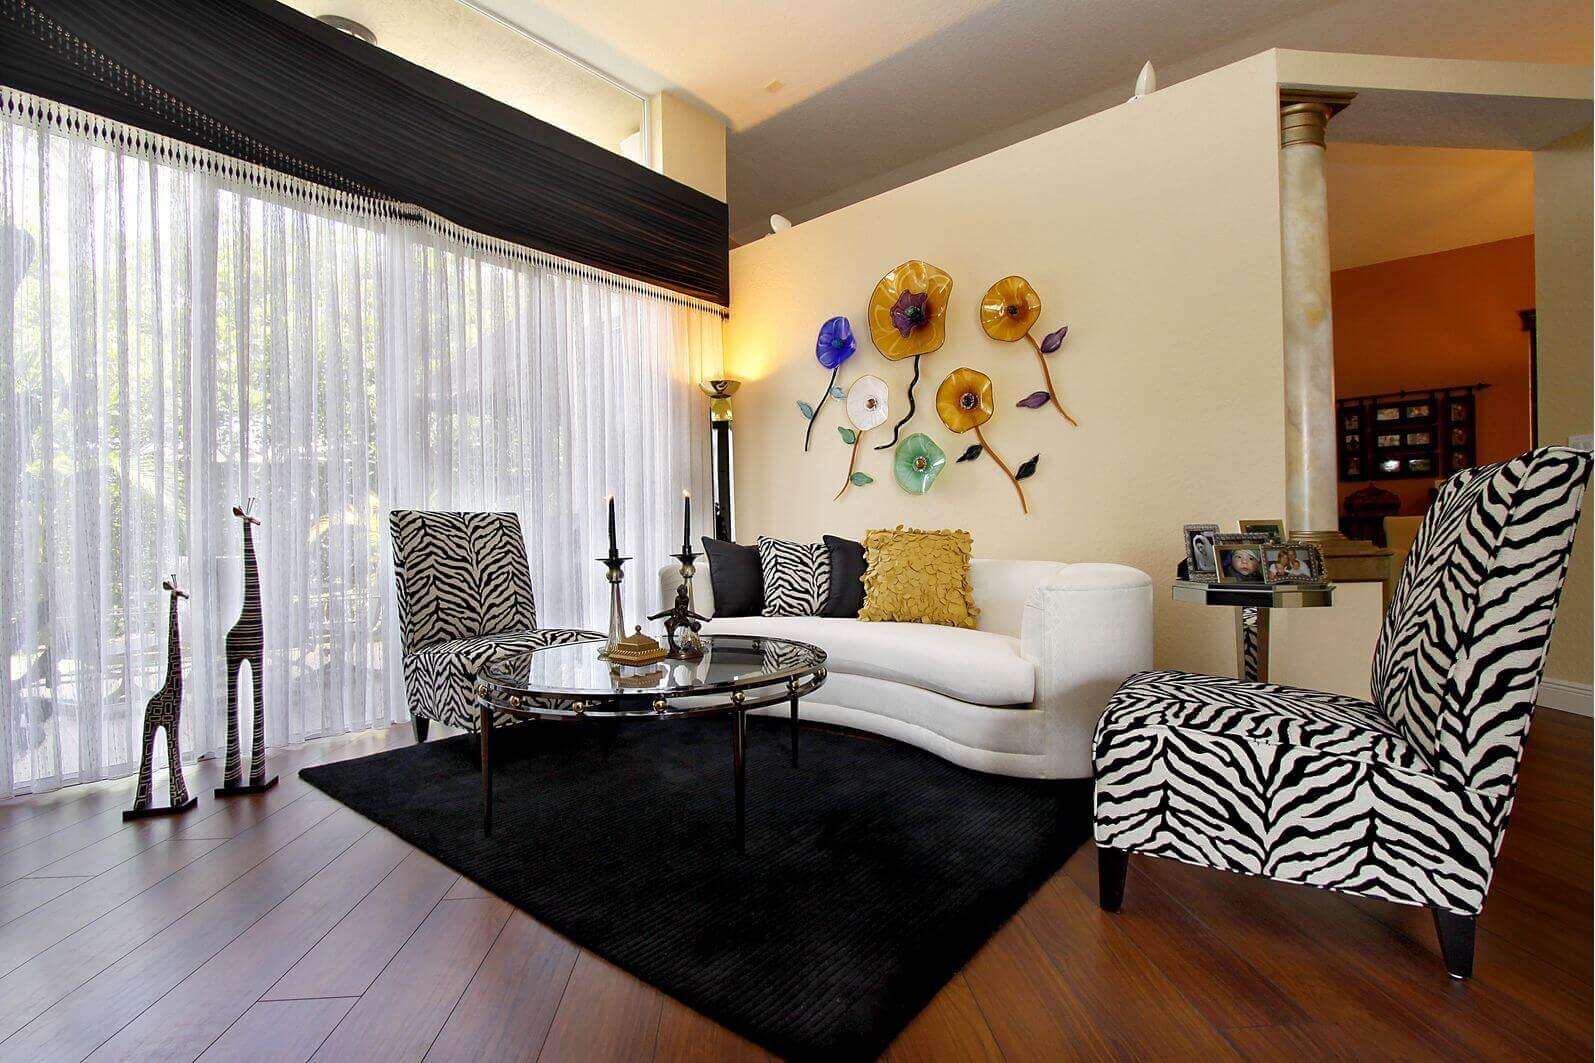 Zebra Living Room Decor Idea